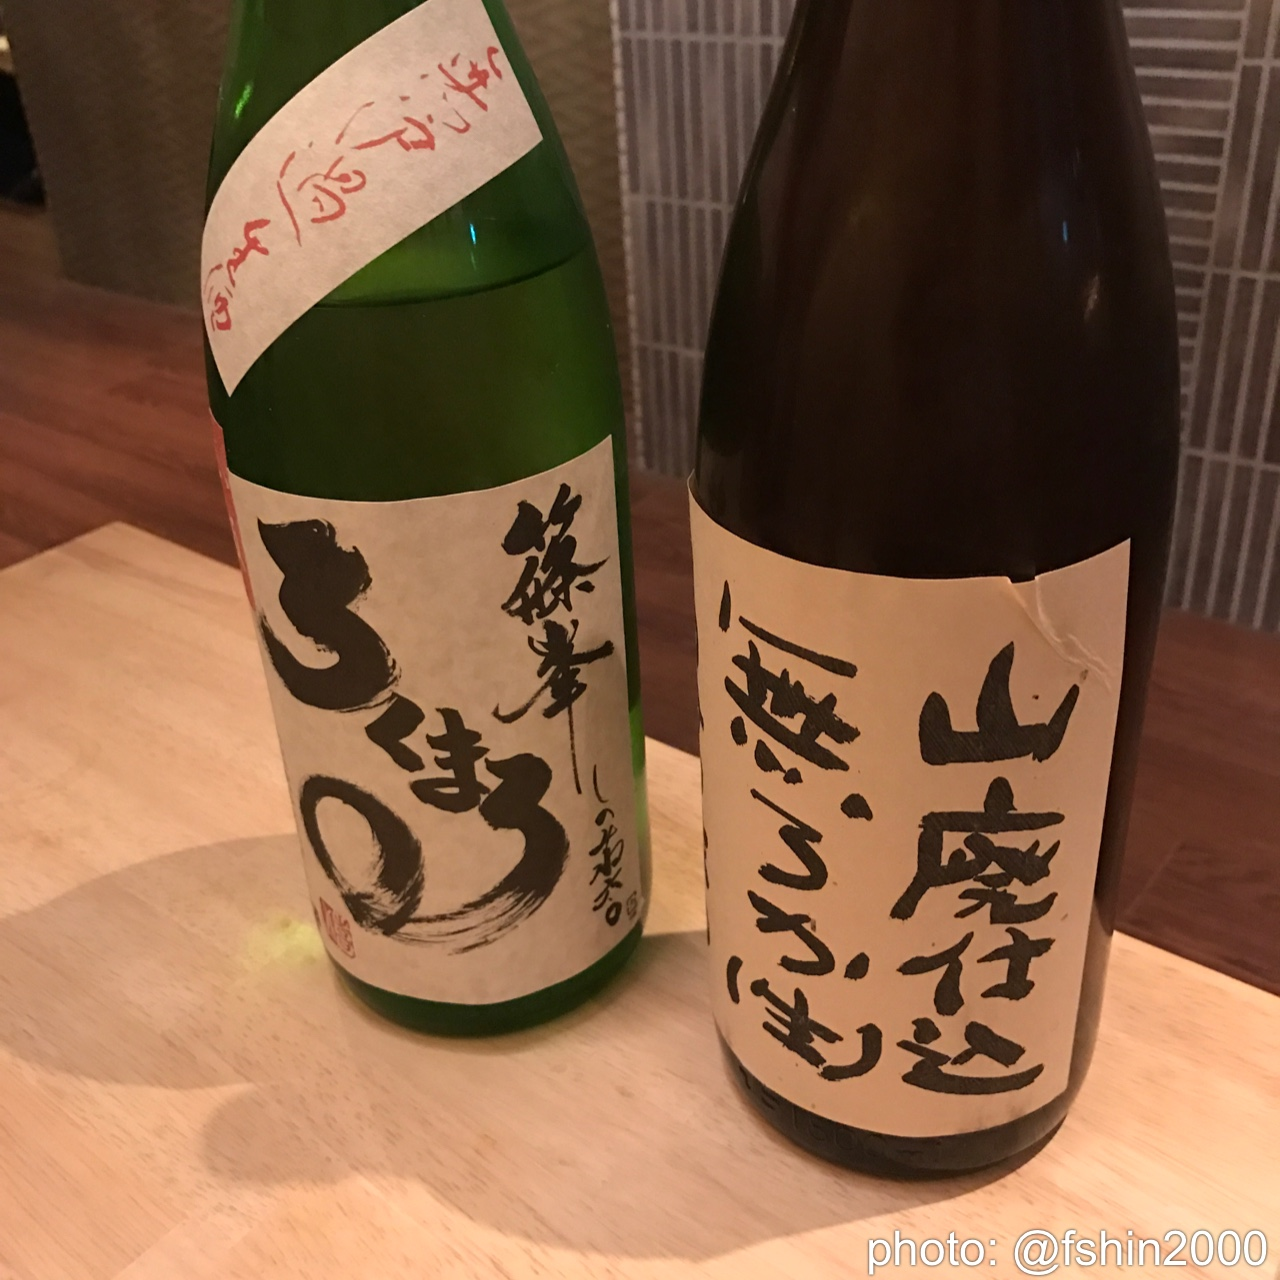 日本酒庵 吟の邑 高田馬場>